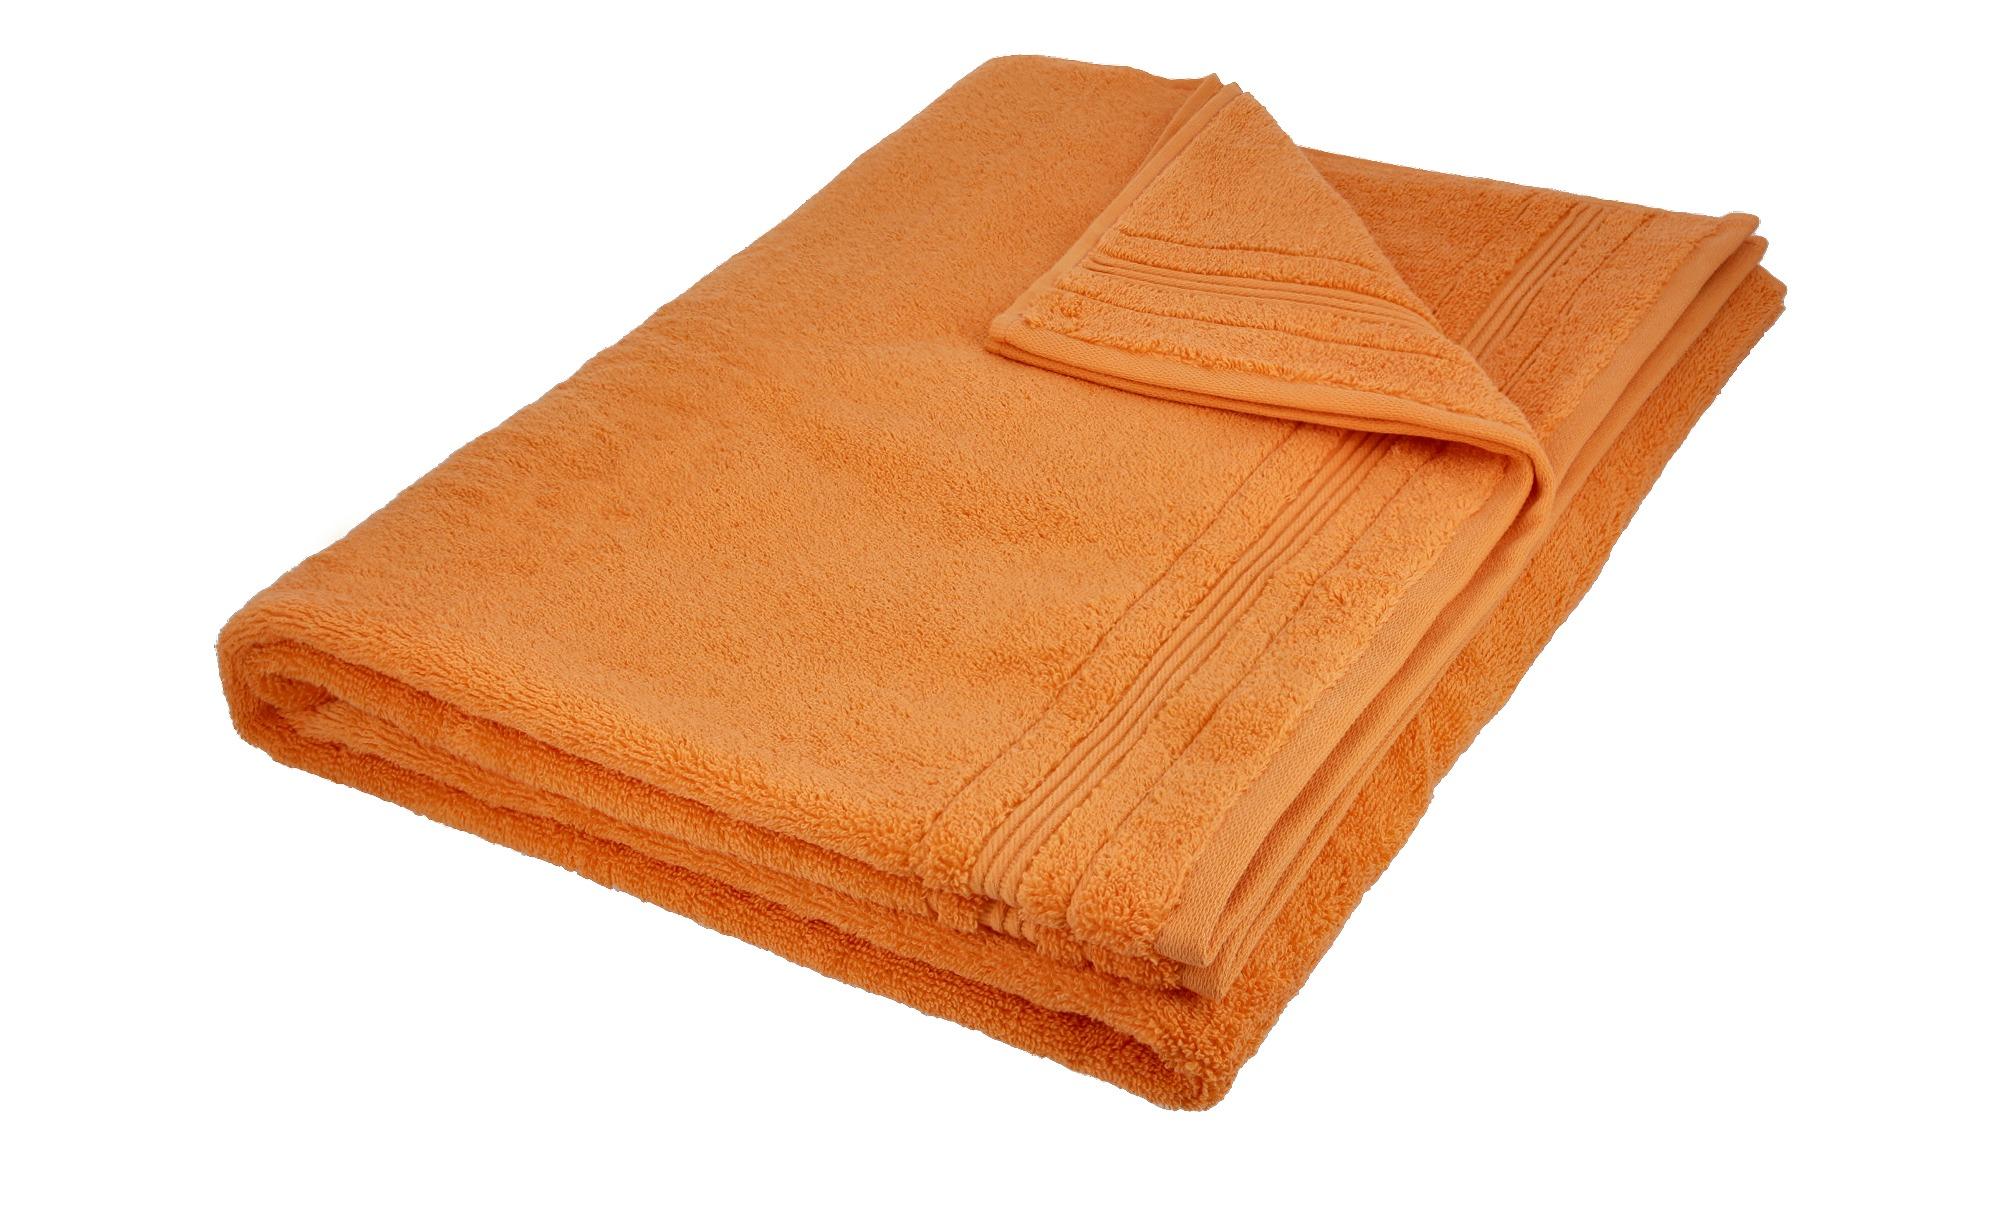 VOSSEN Badetuch  Soft Dreams ¦ gelb ¦ 100% Baumwolle ¦ Maße (cm): B: 100 Badtextilien und Zubehör > Handtücher & Badetücher > Badetücher & Saunatücher - Höffner